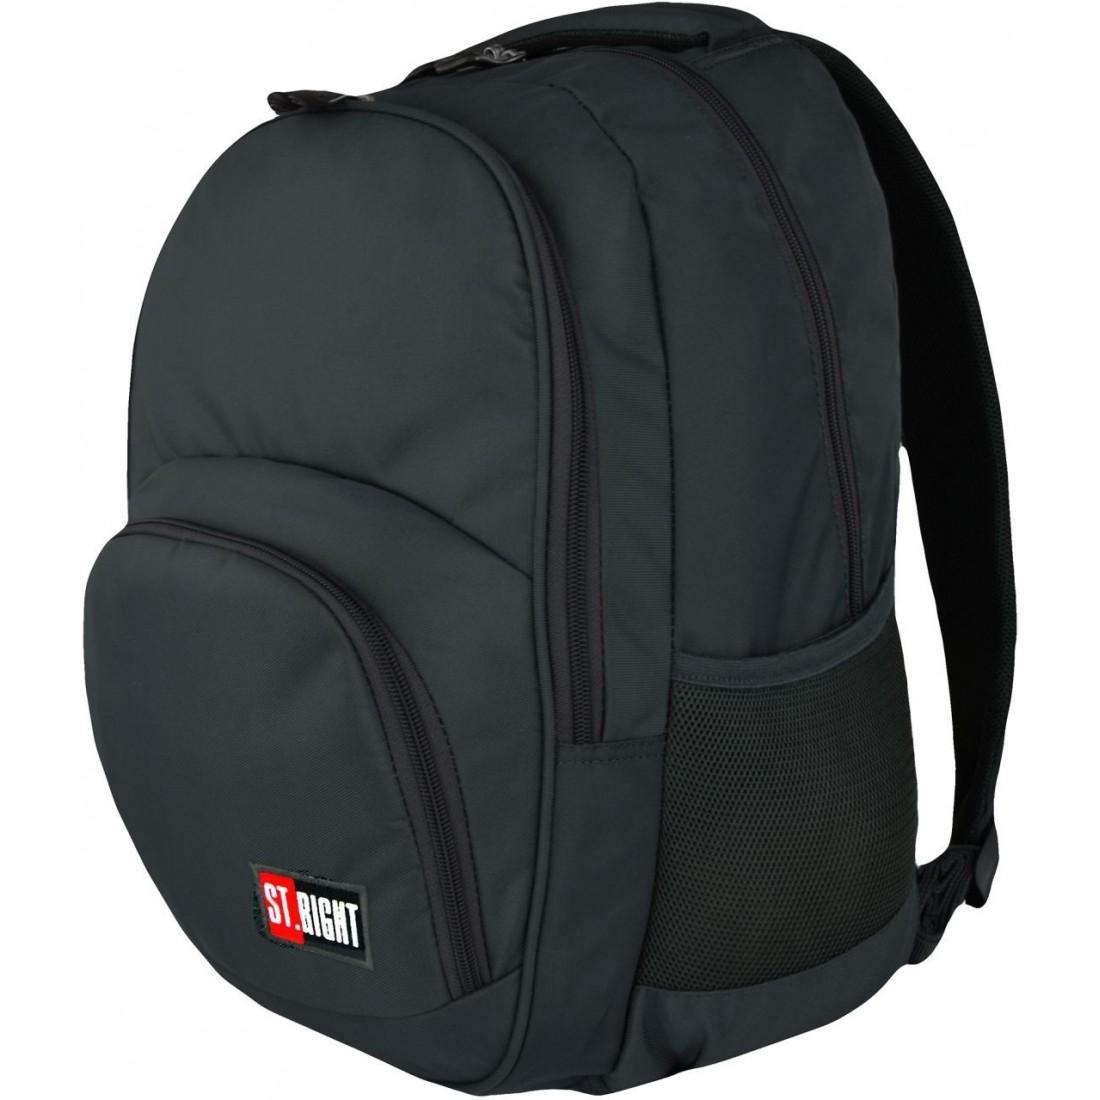 625cee1739070 Plecak szkolny ST.RIGHT 2-komory ST.GRAY szary klasyczny wzór dla chłopaka